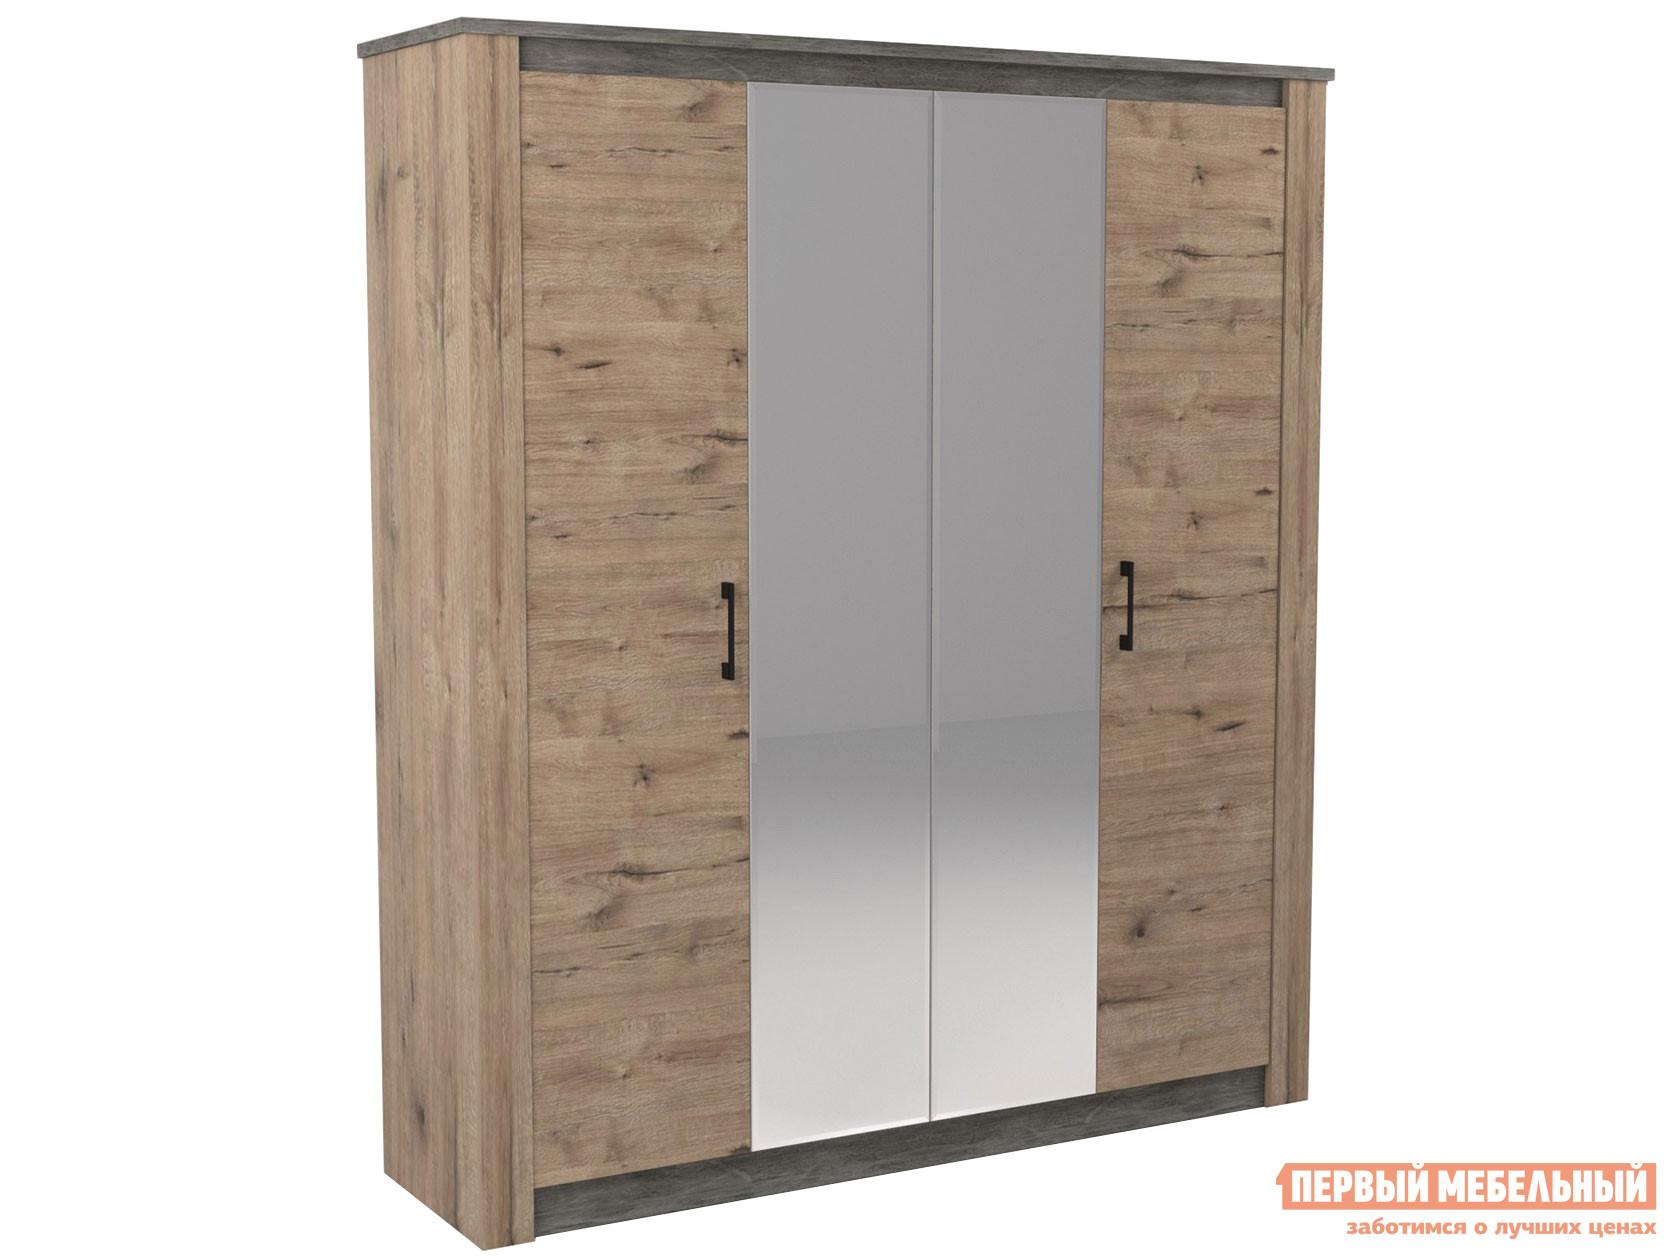 Шкаф распашной Первый Мебельный Шкаф 4-х дв. Денвер недорого